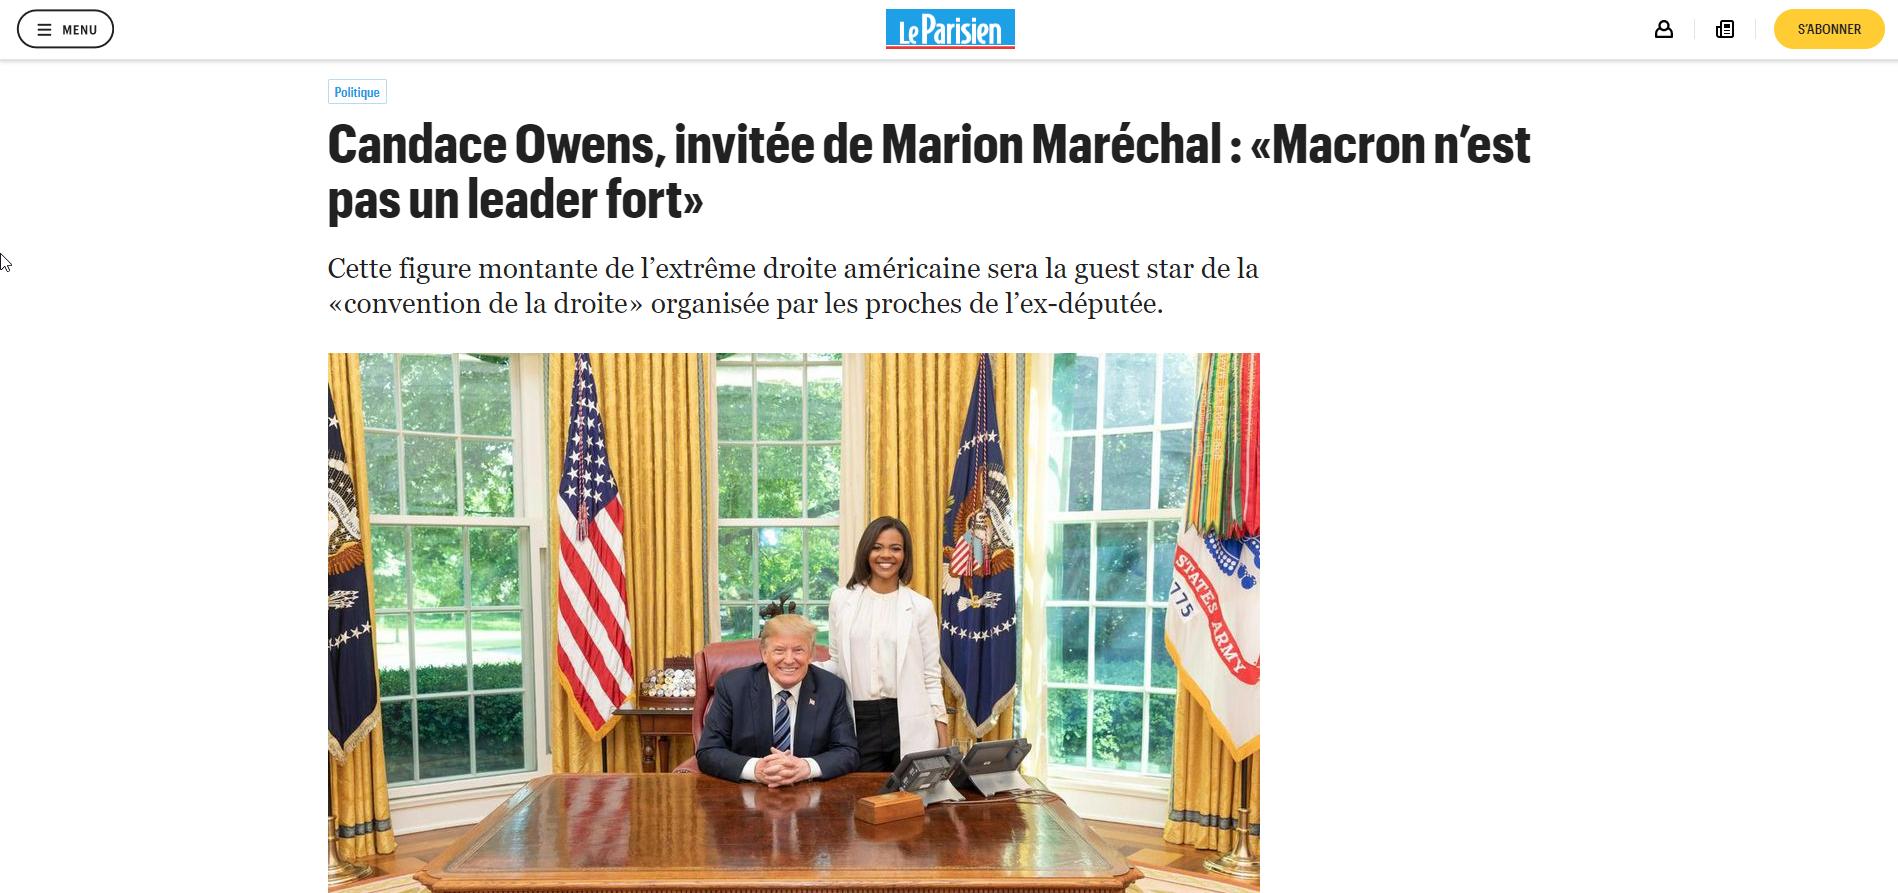 2019-09-23 10_09_19-Candace Owens, invitée de Marion Maréchal _ «Macron n'est pas un leader fort» -